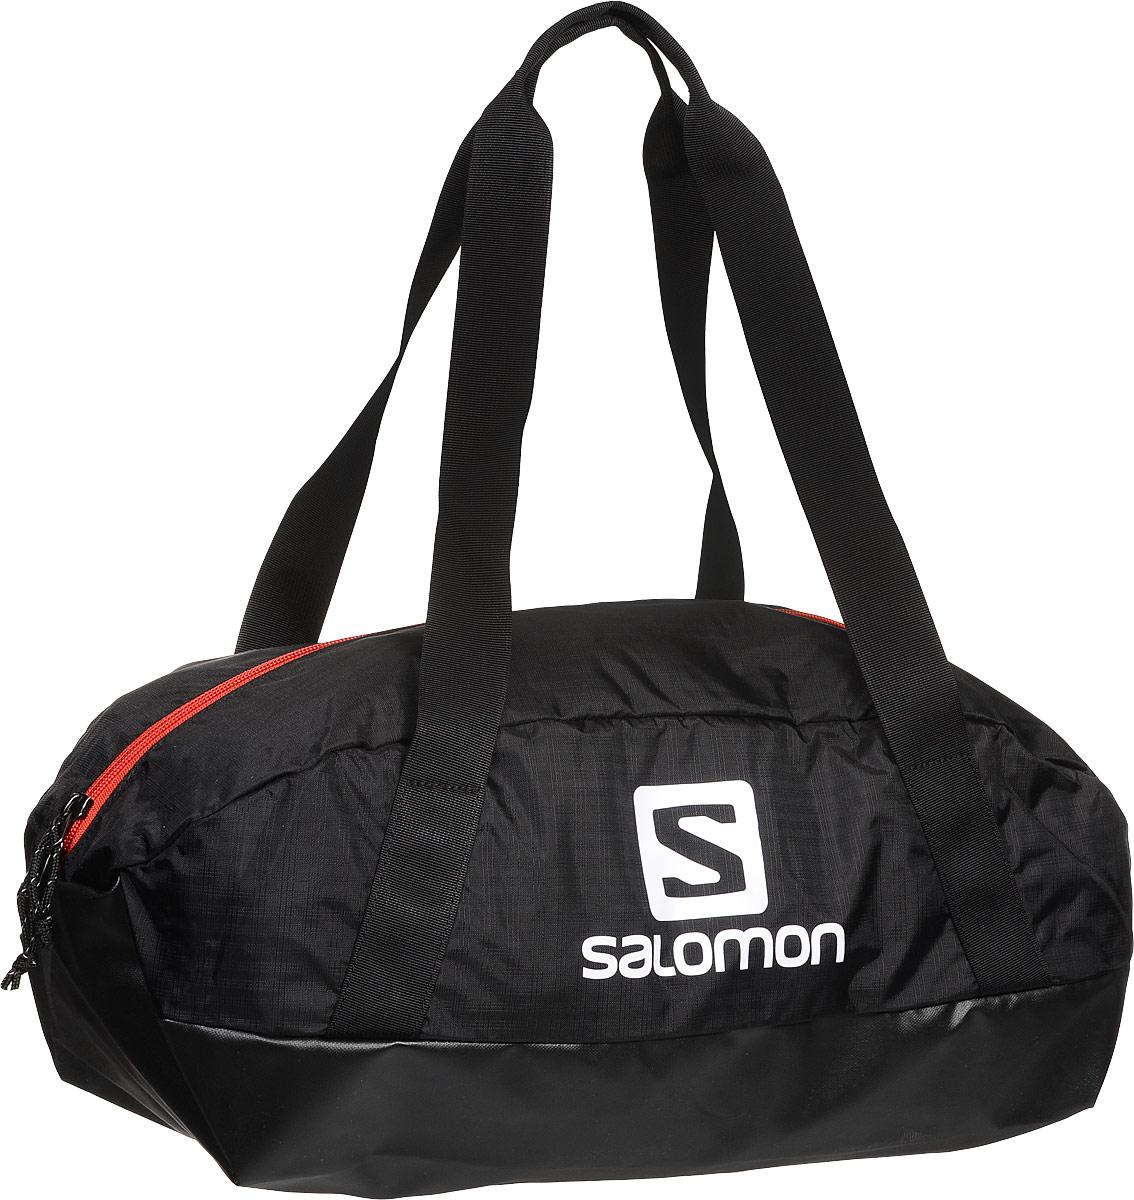 Сумка спортивная Salomon Prolog 25 Bag, цвет: черный, 25 л. L380023003-47670-00504Сумка Salomon Prolog 25 Bag выполнена из качественного полиэстера и оформлена принтом с изображением логотипа бренда. Сумка оснащена удобными ручками и закрывается на удобную застежку-молнию. Внутри расположено вместительное отделение, которое содержит небольшой вшитый карман на молнии для мелочей.